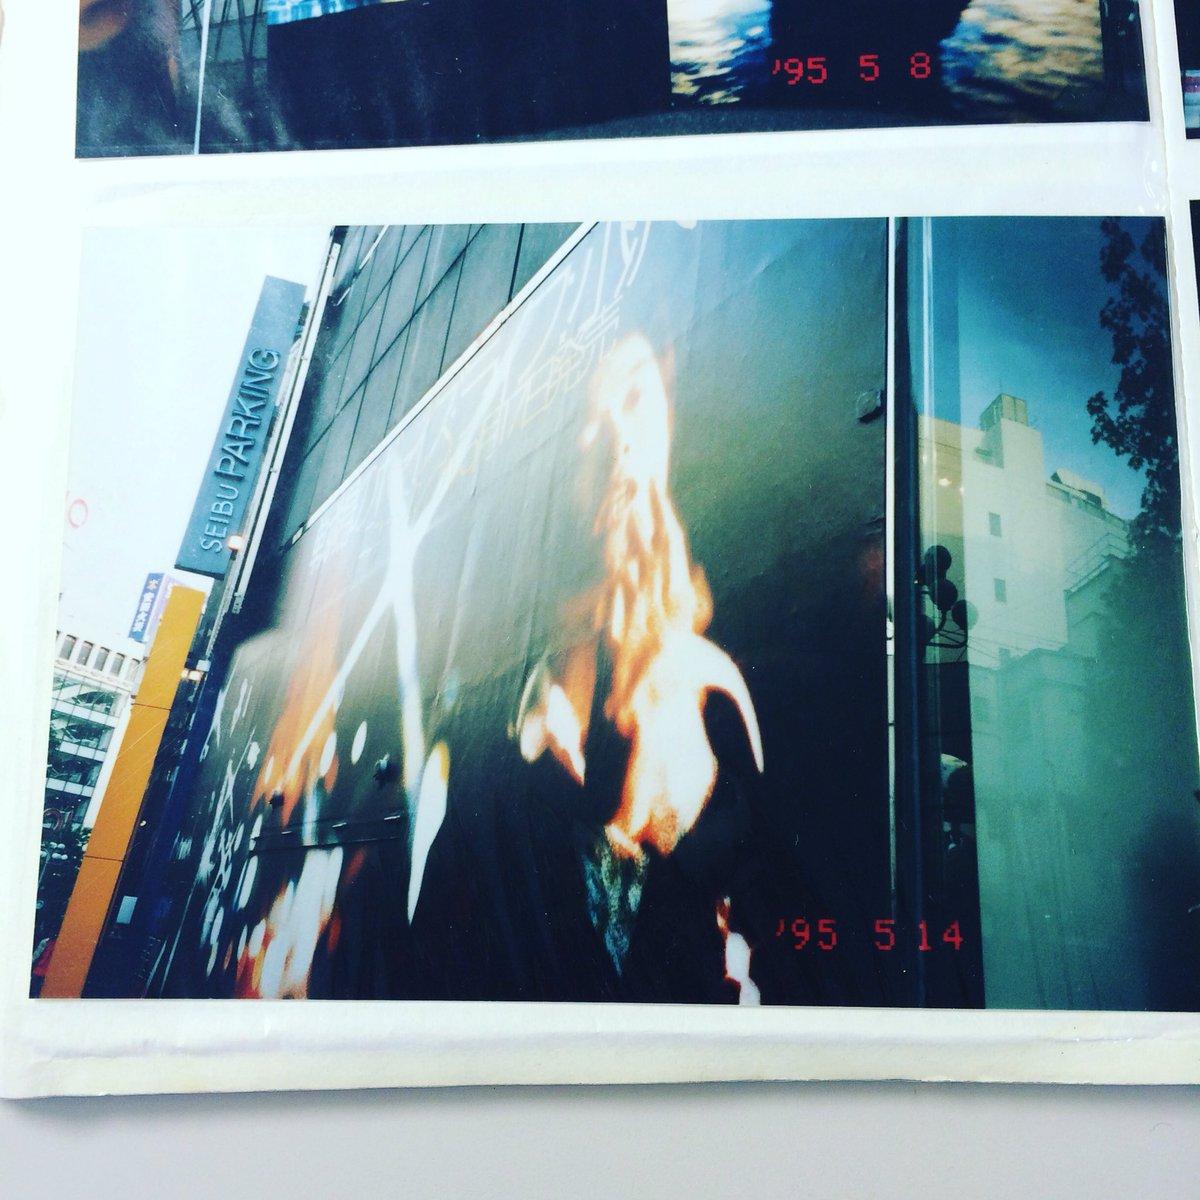 私の好きな小沢健二。97年?「強い気持ち 強い愛」発売が渋谷をジャックした時。学校帰りに確認しに行きまくった。写ルンですで撮った日付の入った紙焼きをiPhoneで撮った例。。渋谷movidaの前なり。 #ozkn #魔法的 https://t.co/mgpof6tAea